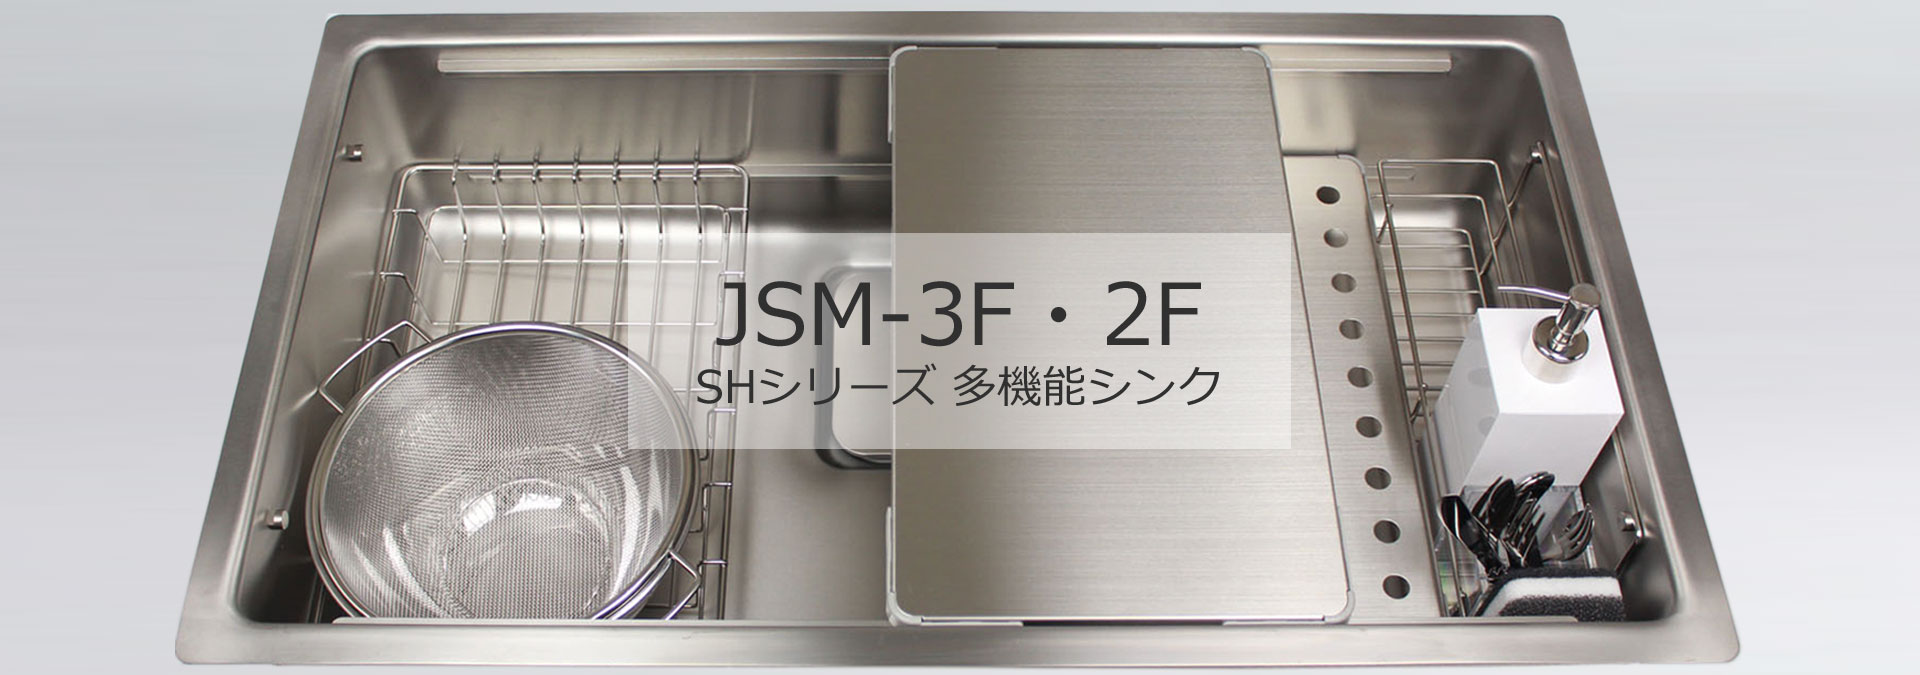 SHステンレス多機能シンクJSM-3F 2F